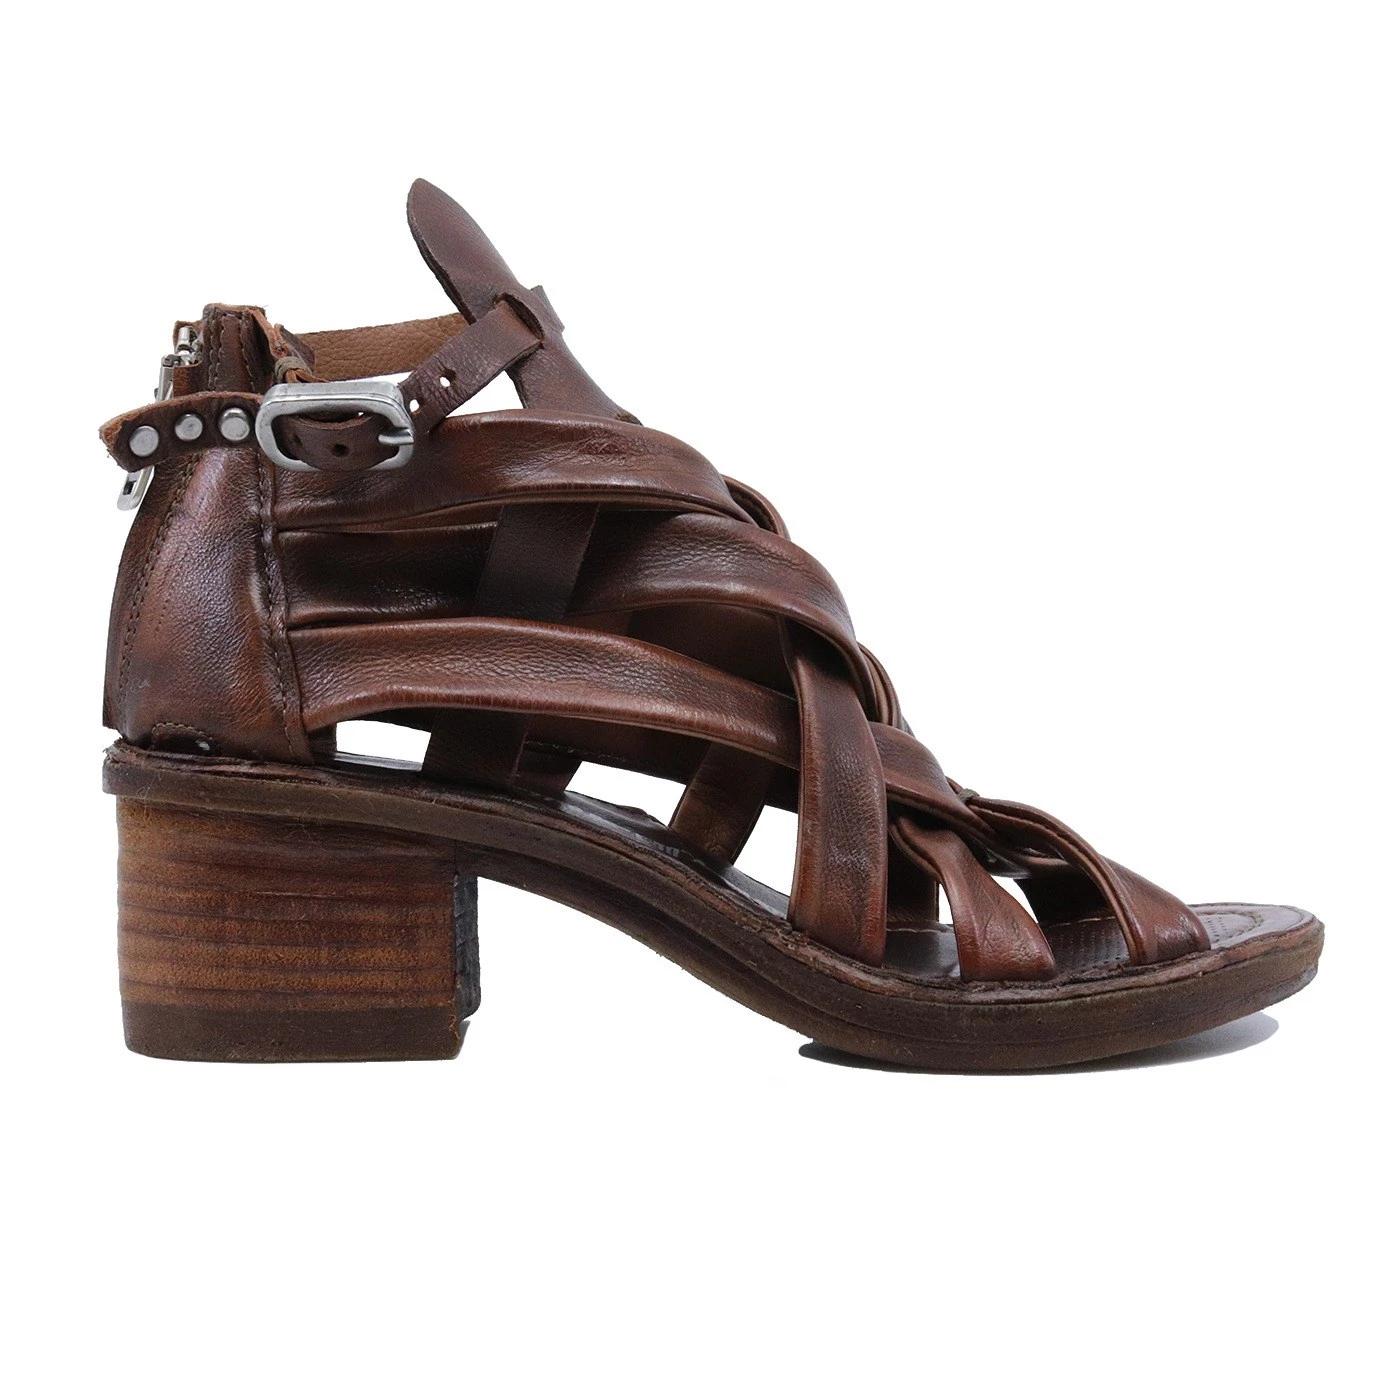 A.S. 98 690033 sandalo da donna in pelle cuoio